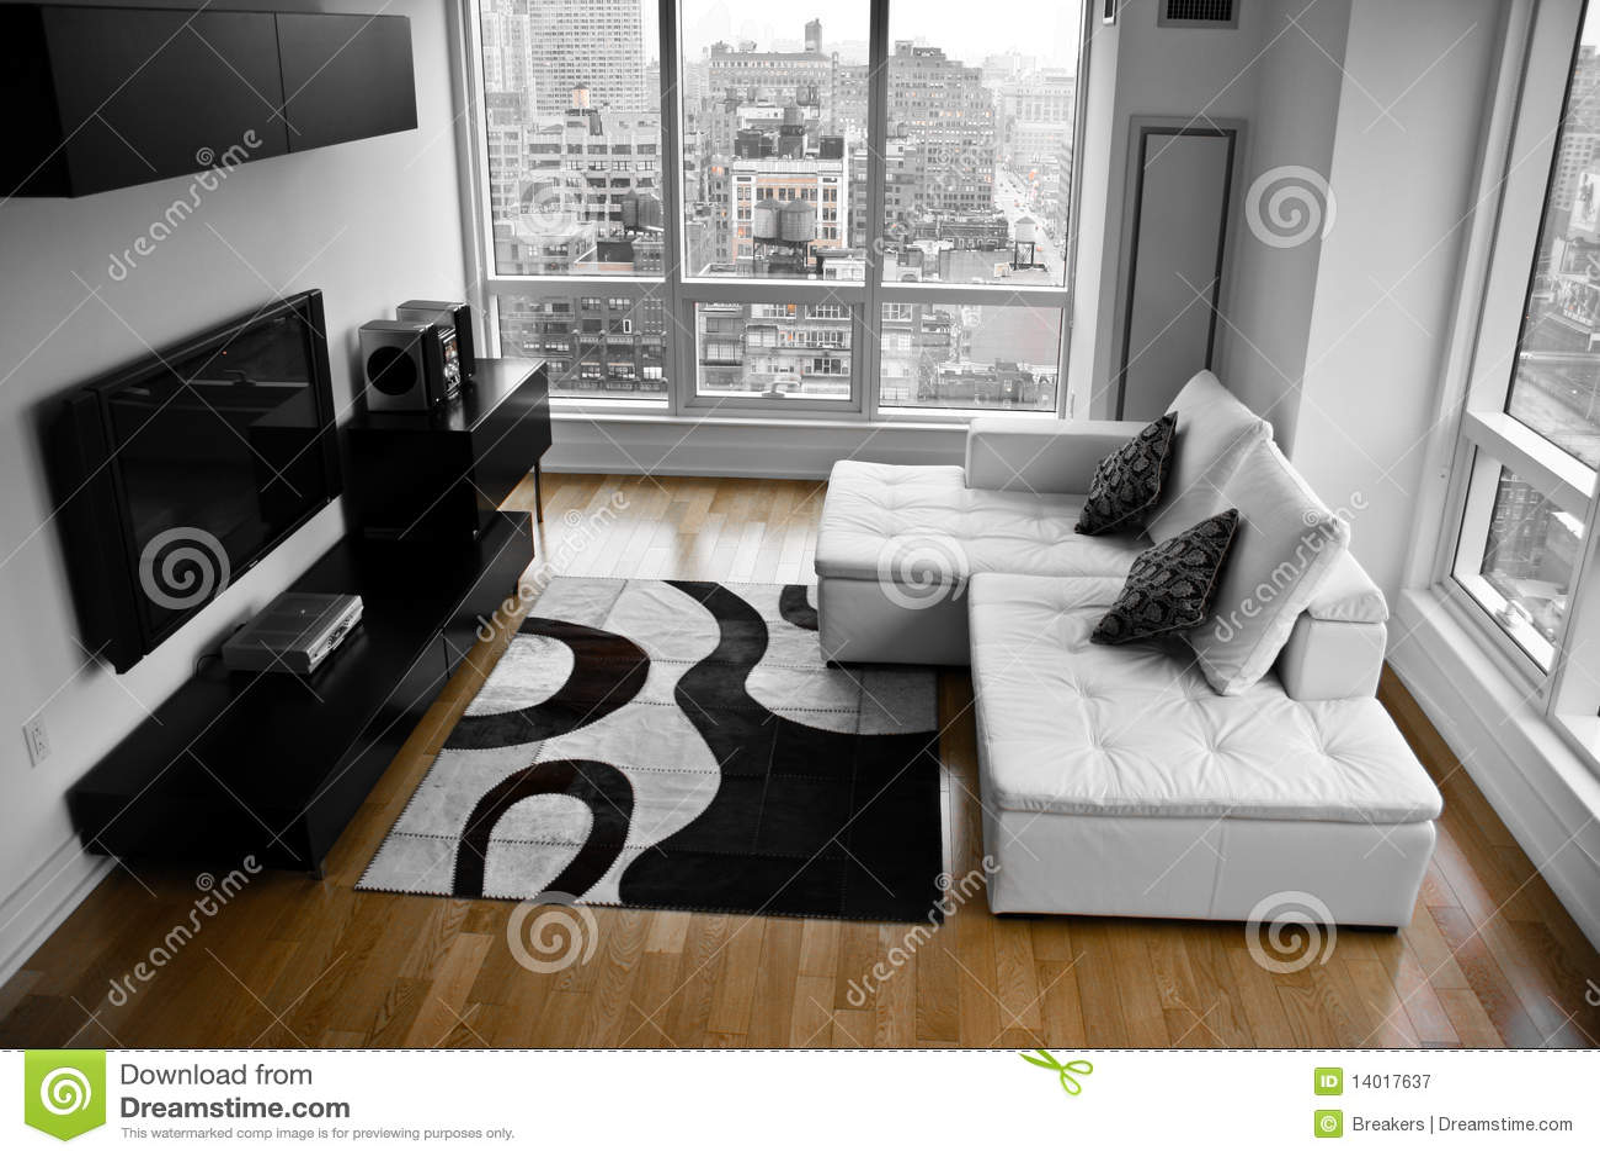 Stockfotografie Eine Junggeselle Auflage Ein Modernes Wohnzimmer